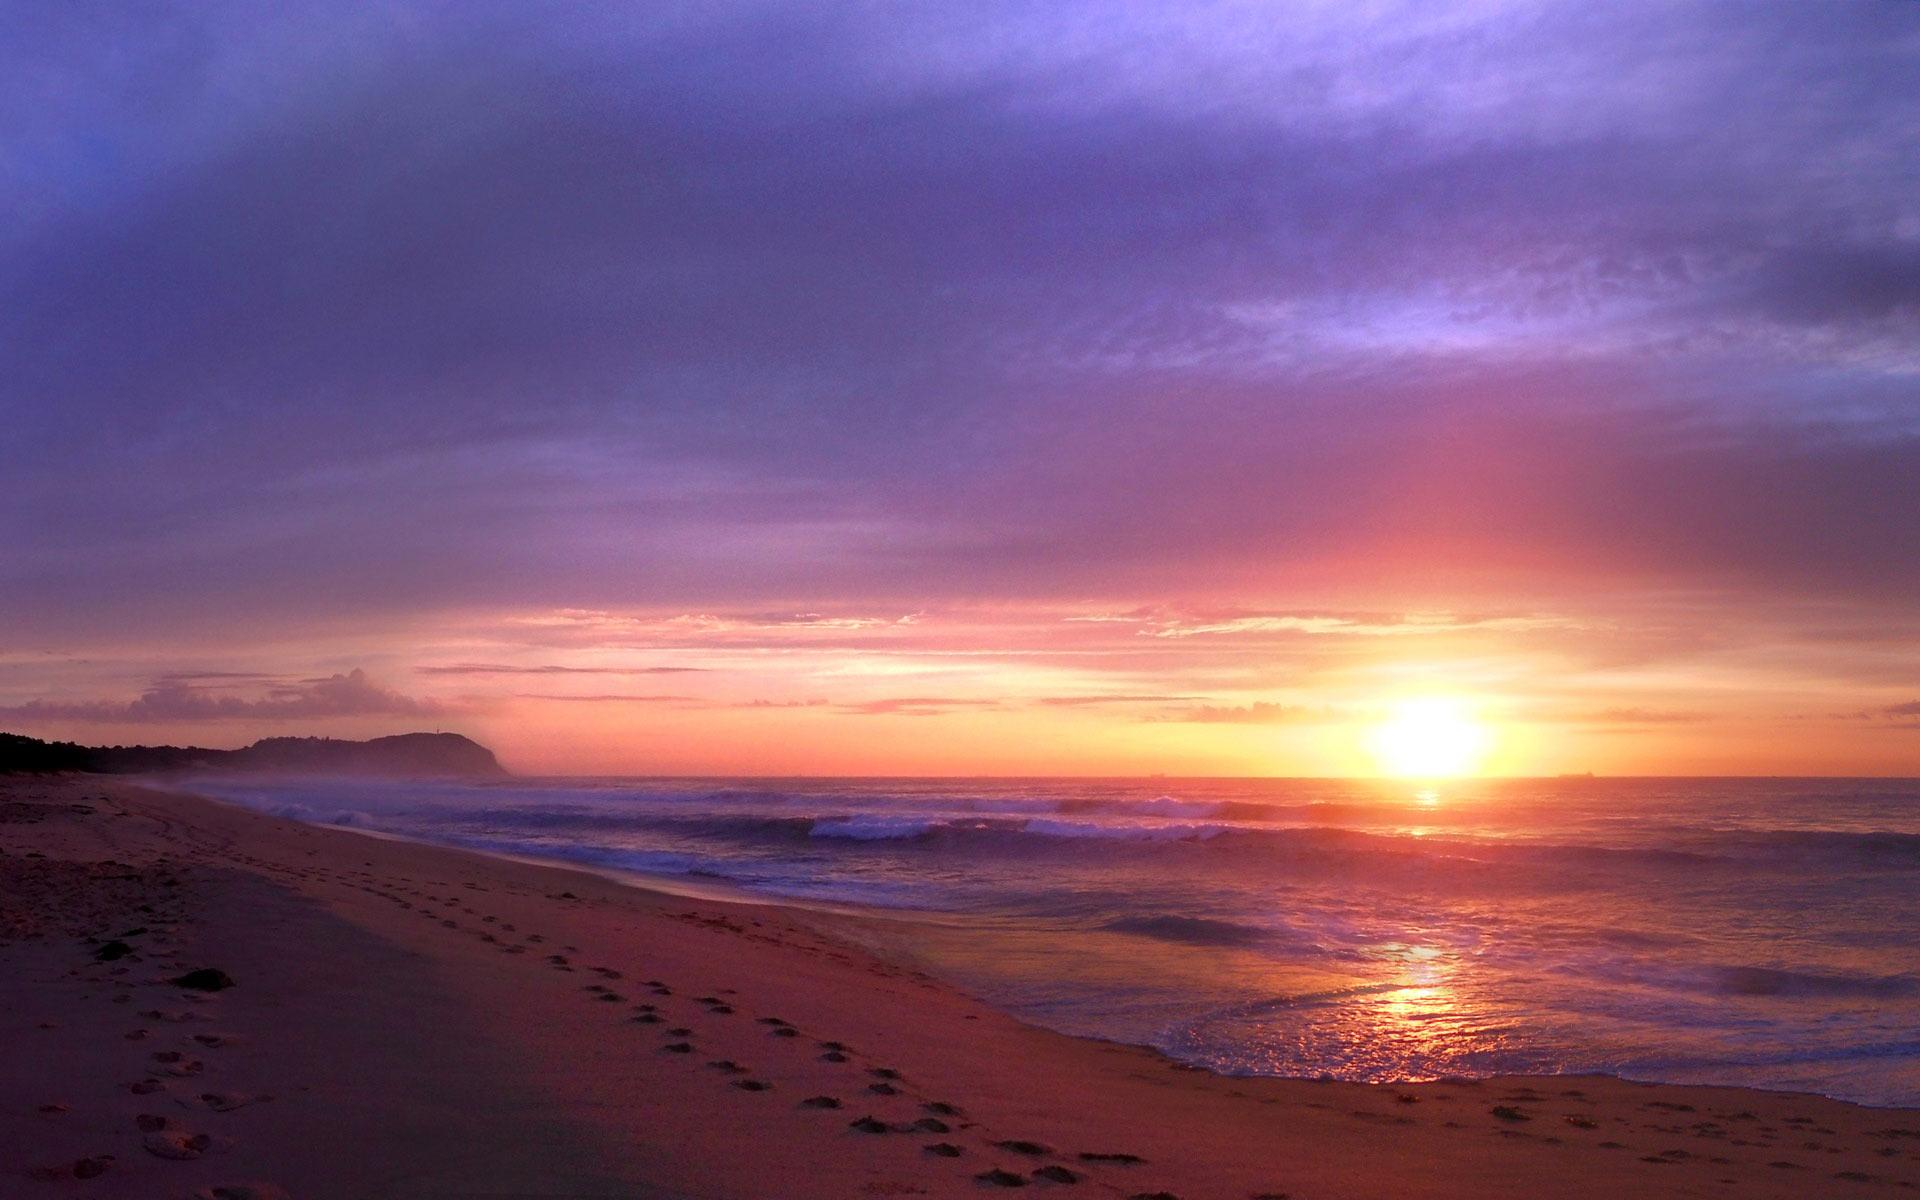 Pôr do Sol Praia na Austrália - Papel de Parede Grátis para PC e Celular b81772c1af